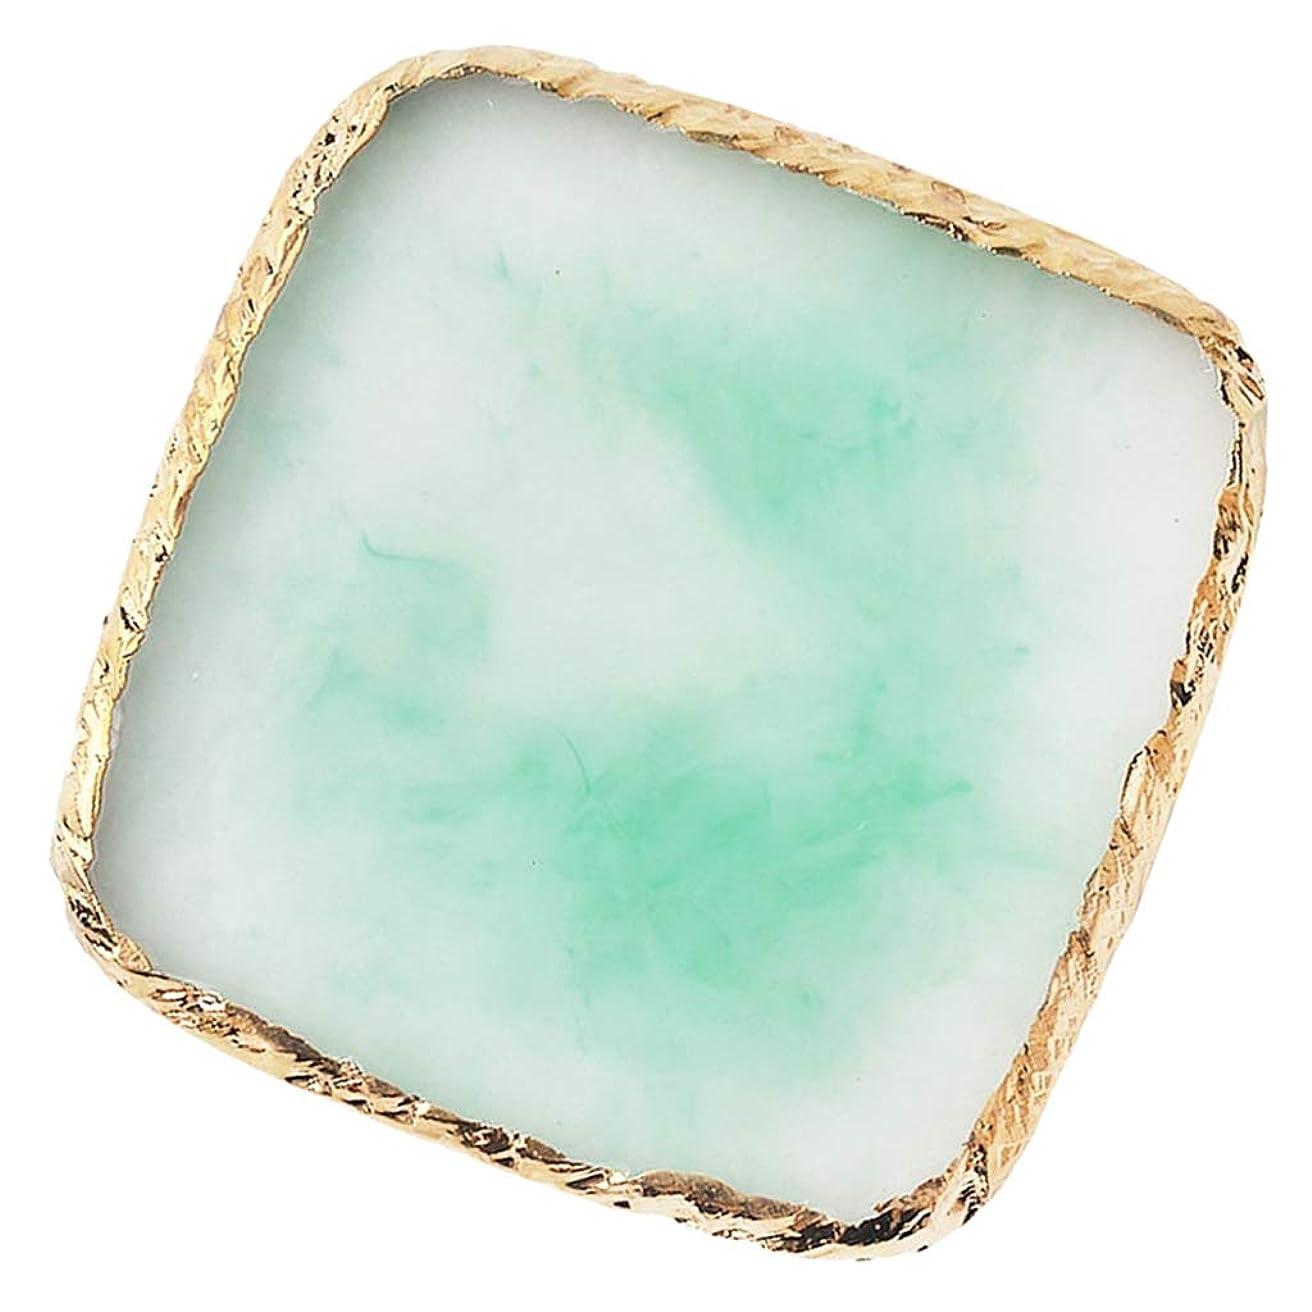 とにかくオーバーラン占めるSharplace ネイルアート カラーブレンド ミキシングパレット 顔料 色合い 6色選べ - 緑